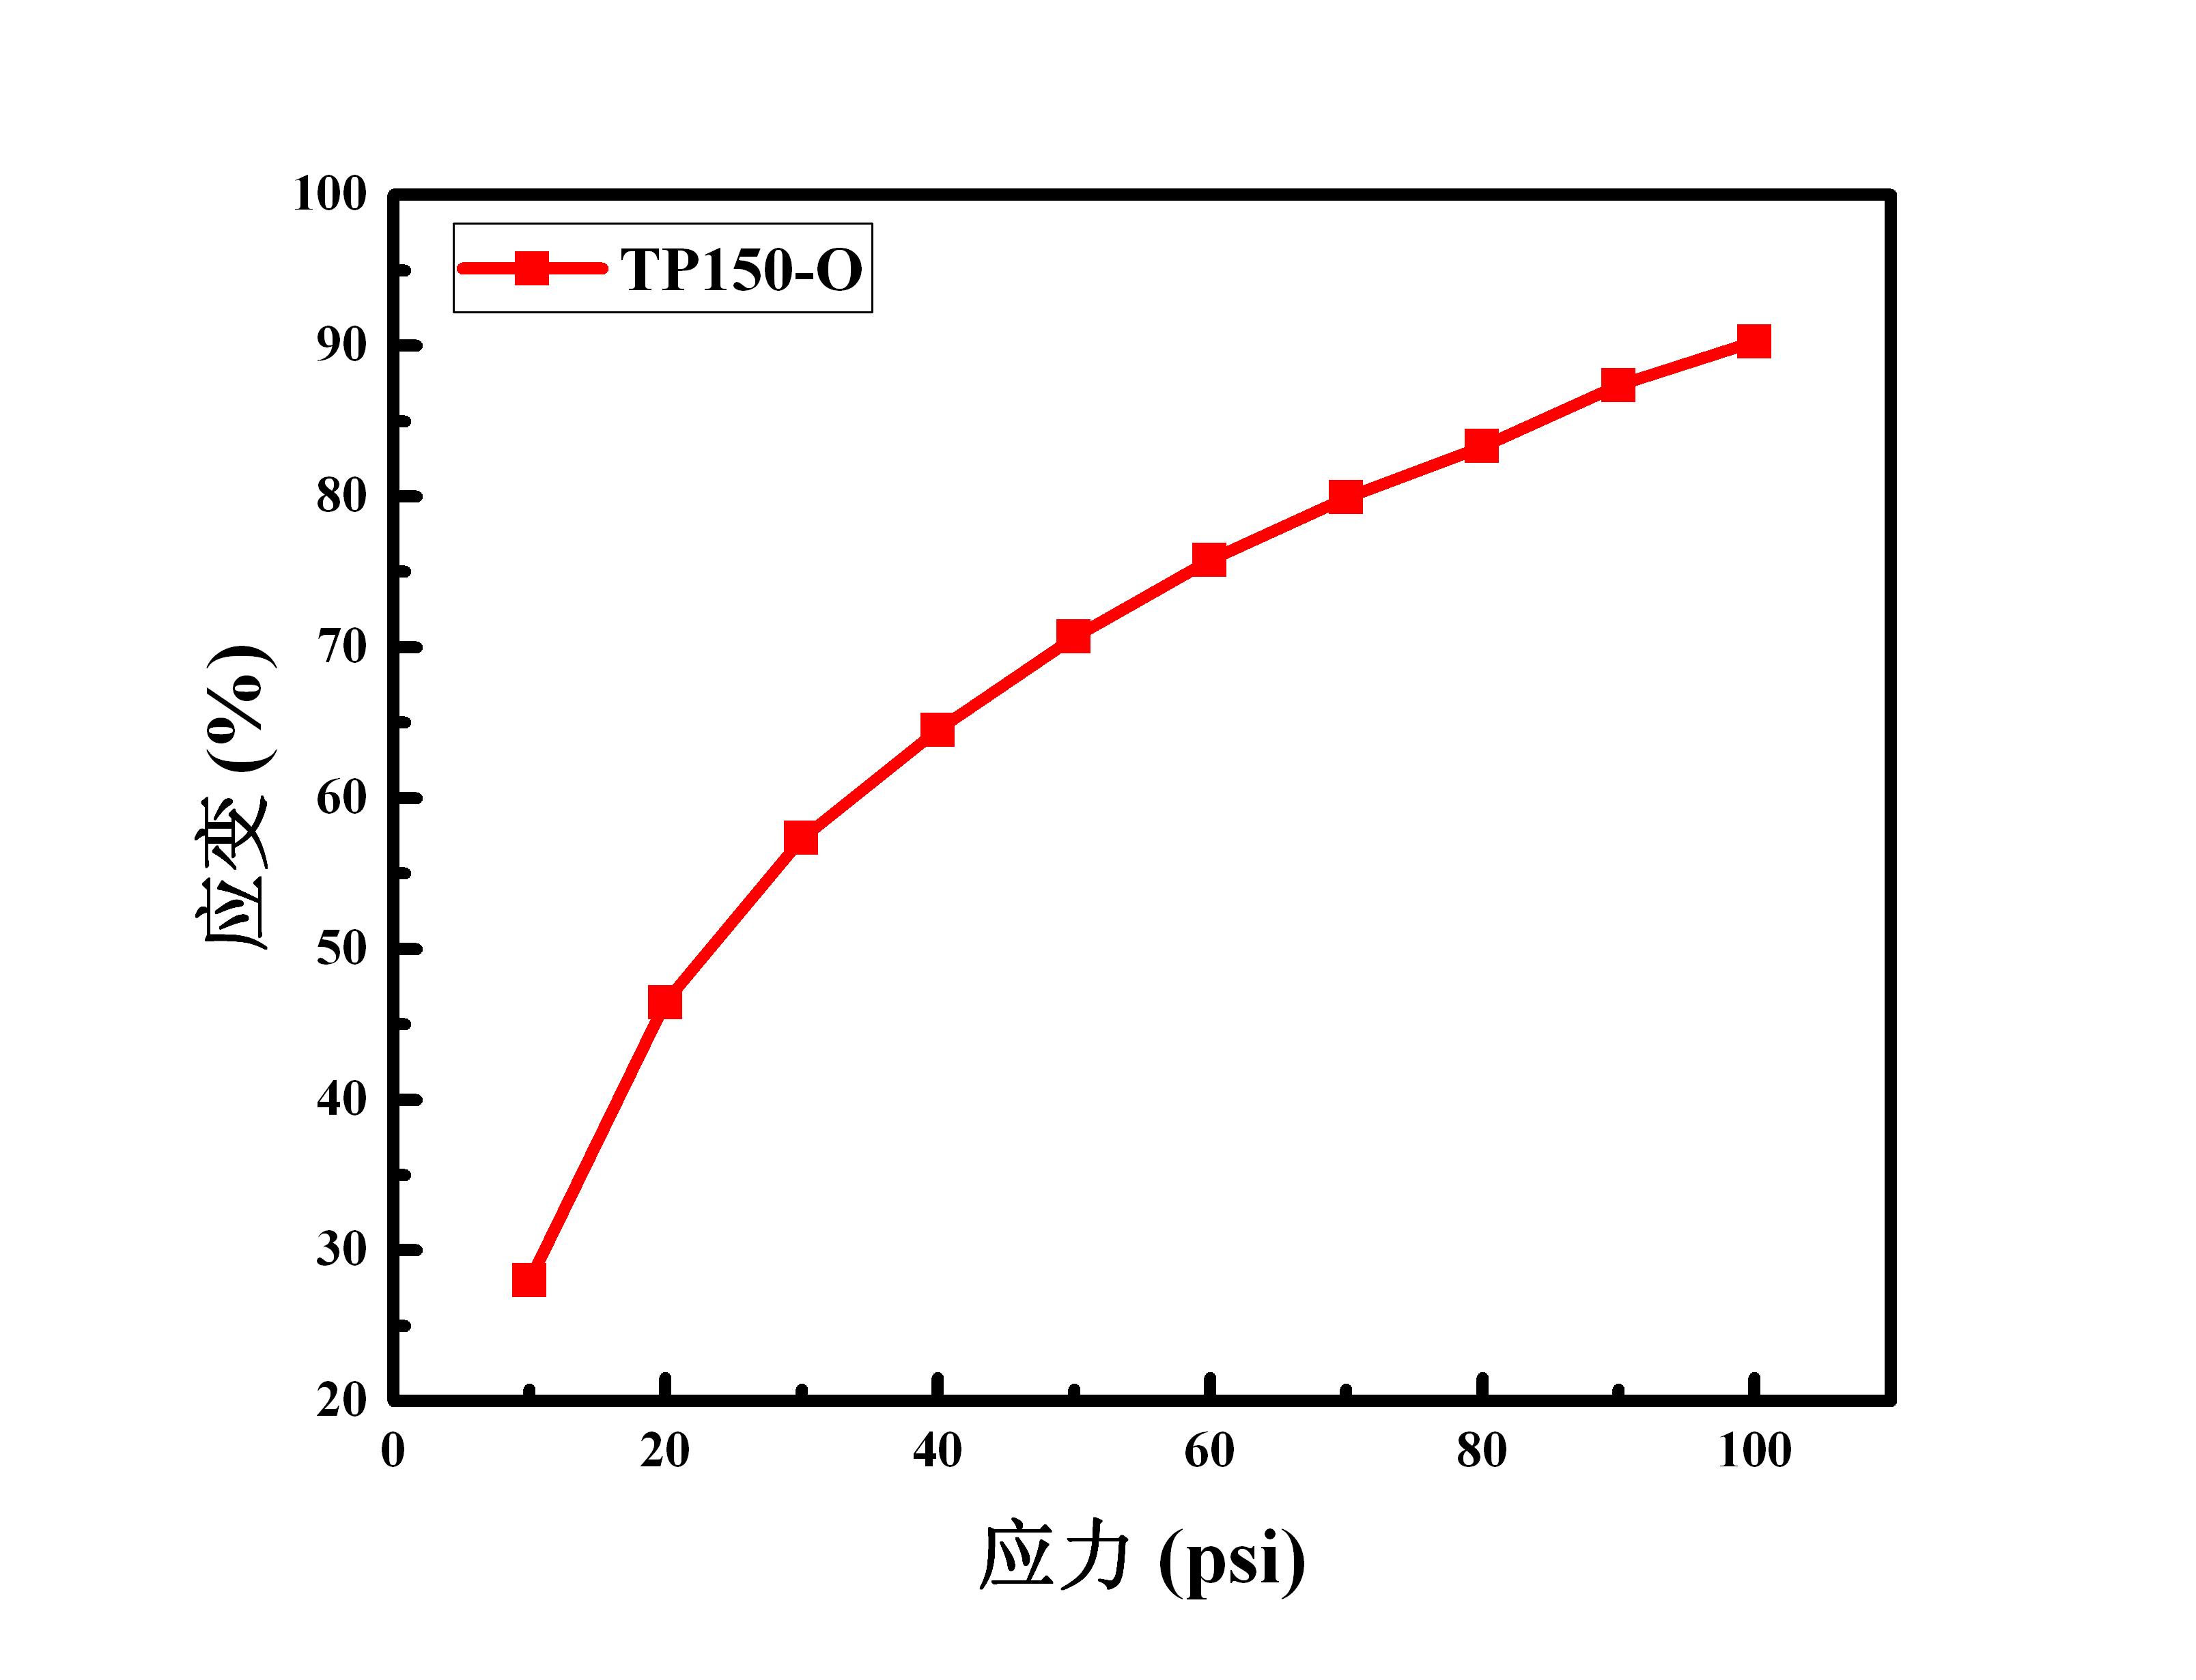 TP150-O 应力应变